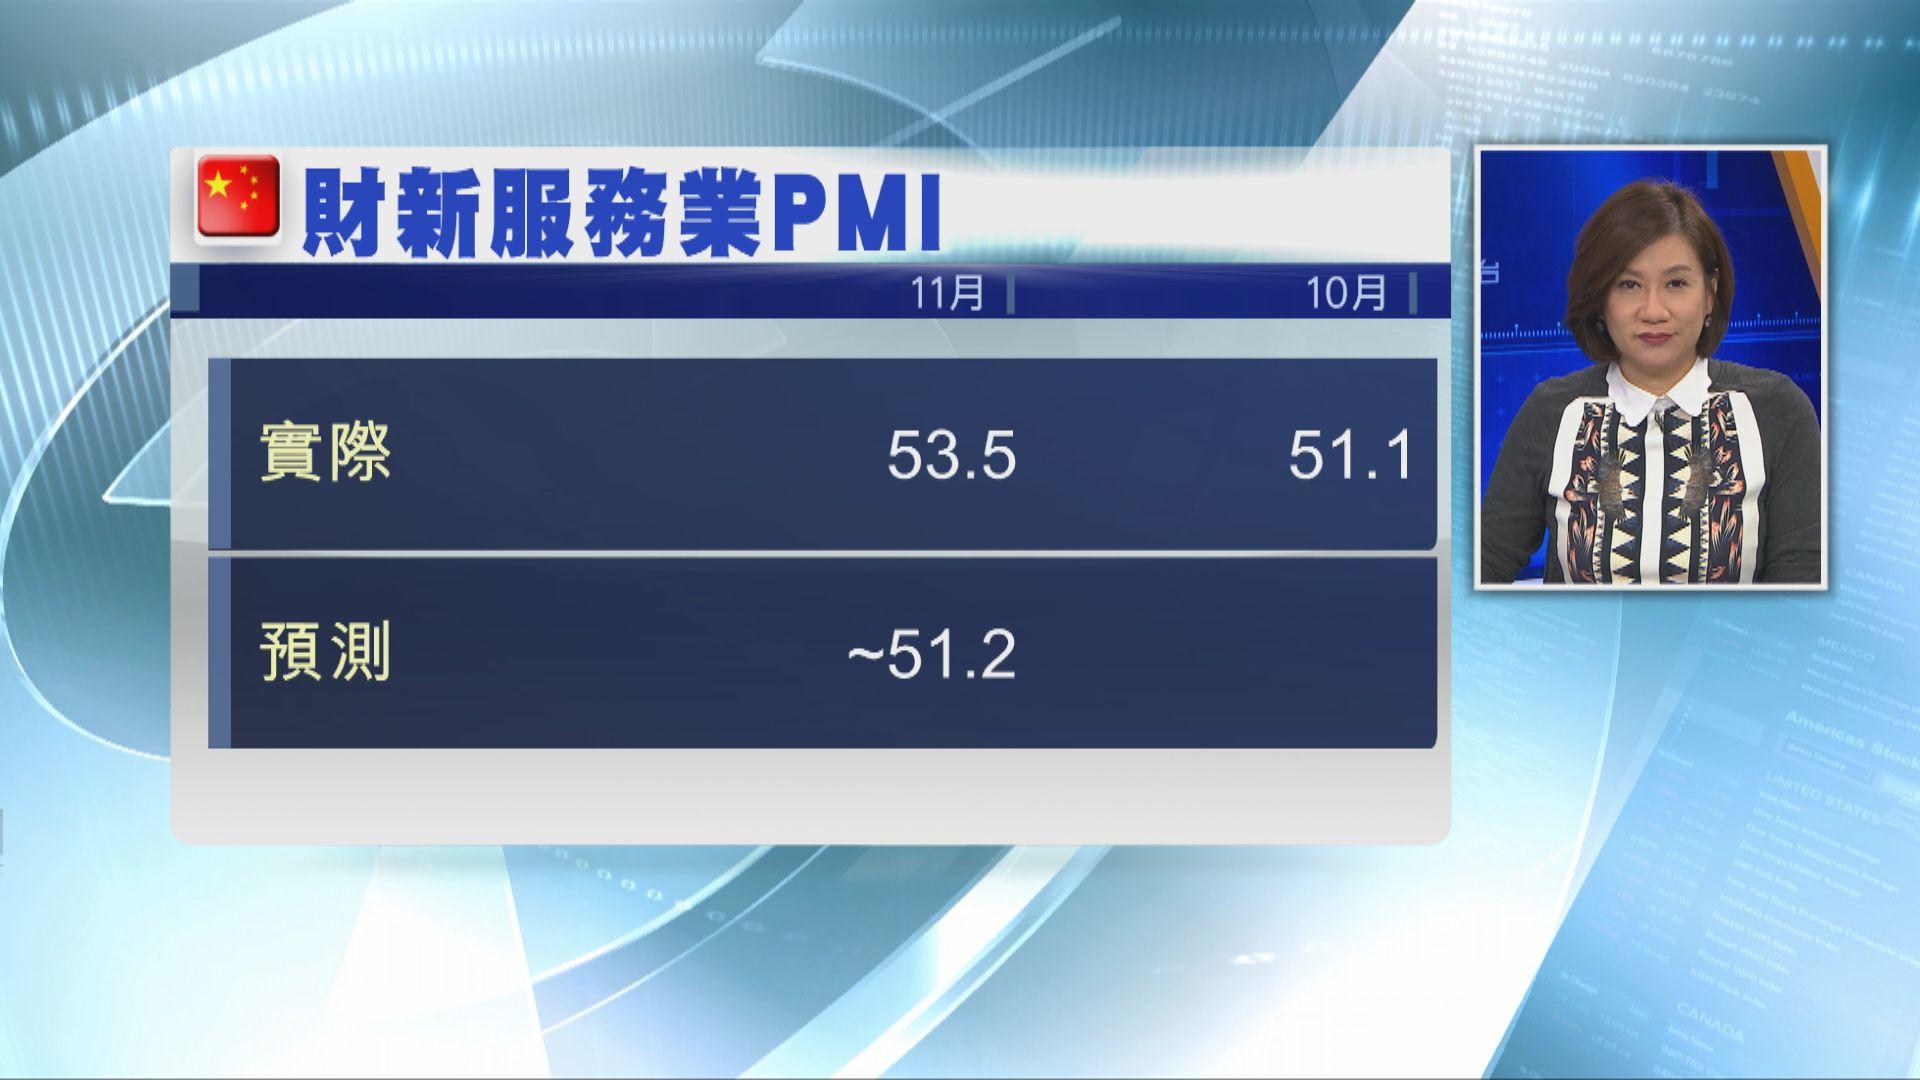 【中國經濟】財新中國11月服務業PMI升至53.5 見半年高位